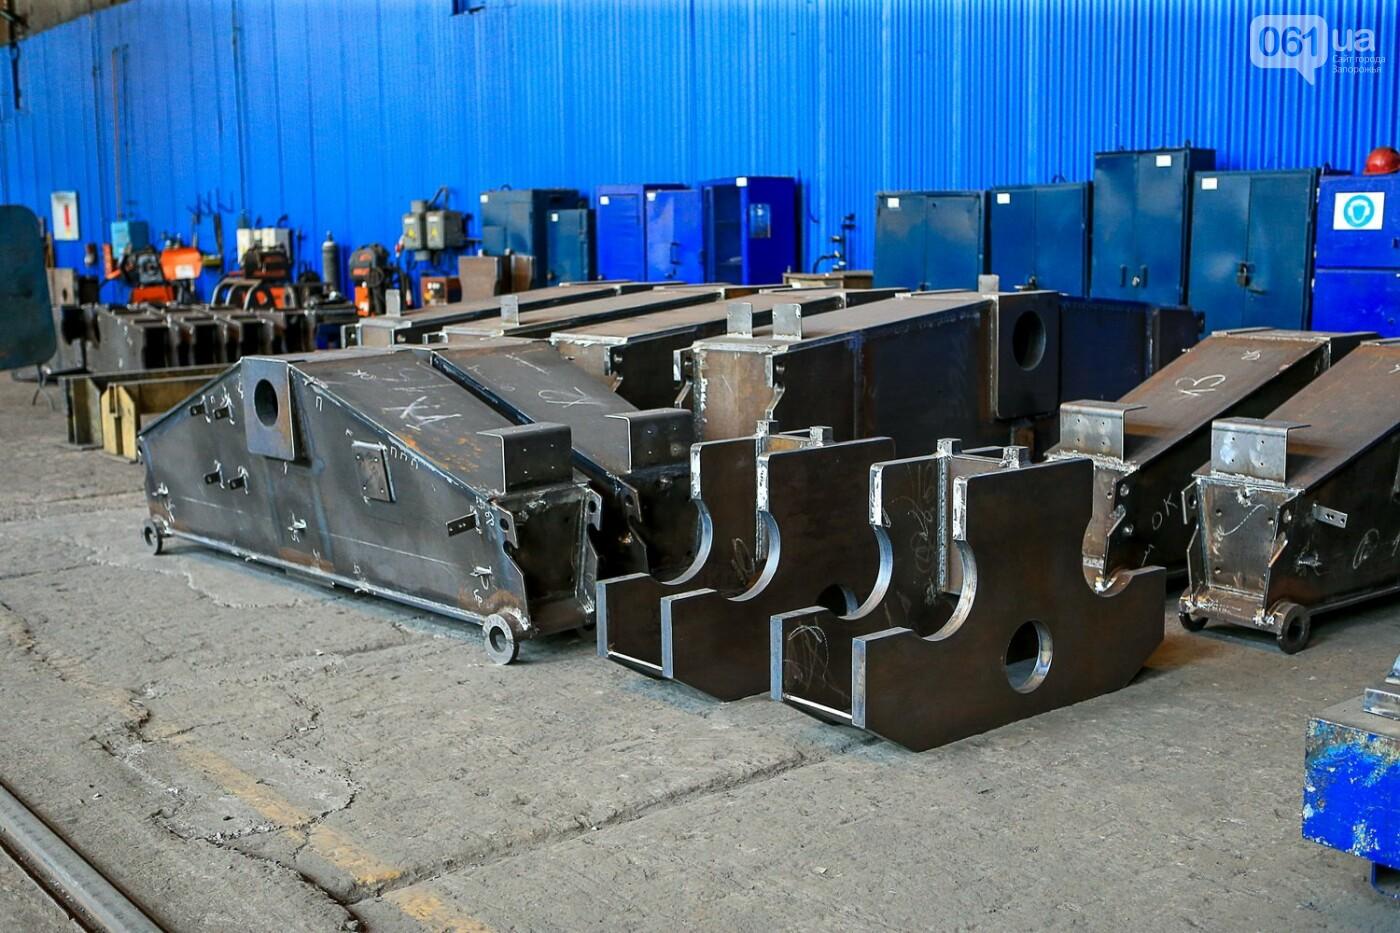 Как в Запорожье работает крупнейший в Европе завод по производству кранов: экскурсия на производство, — ФОТОРЕПОРТАЖ, фото-36